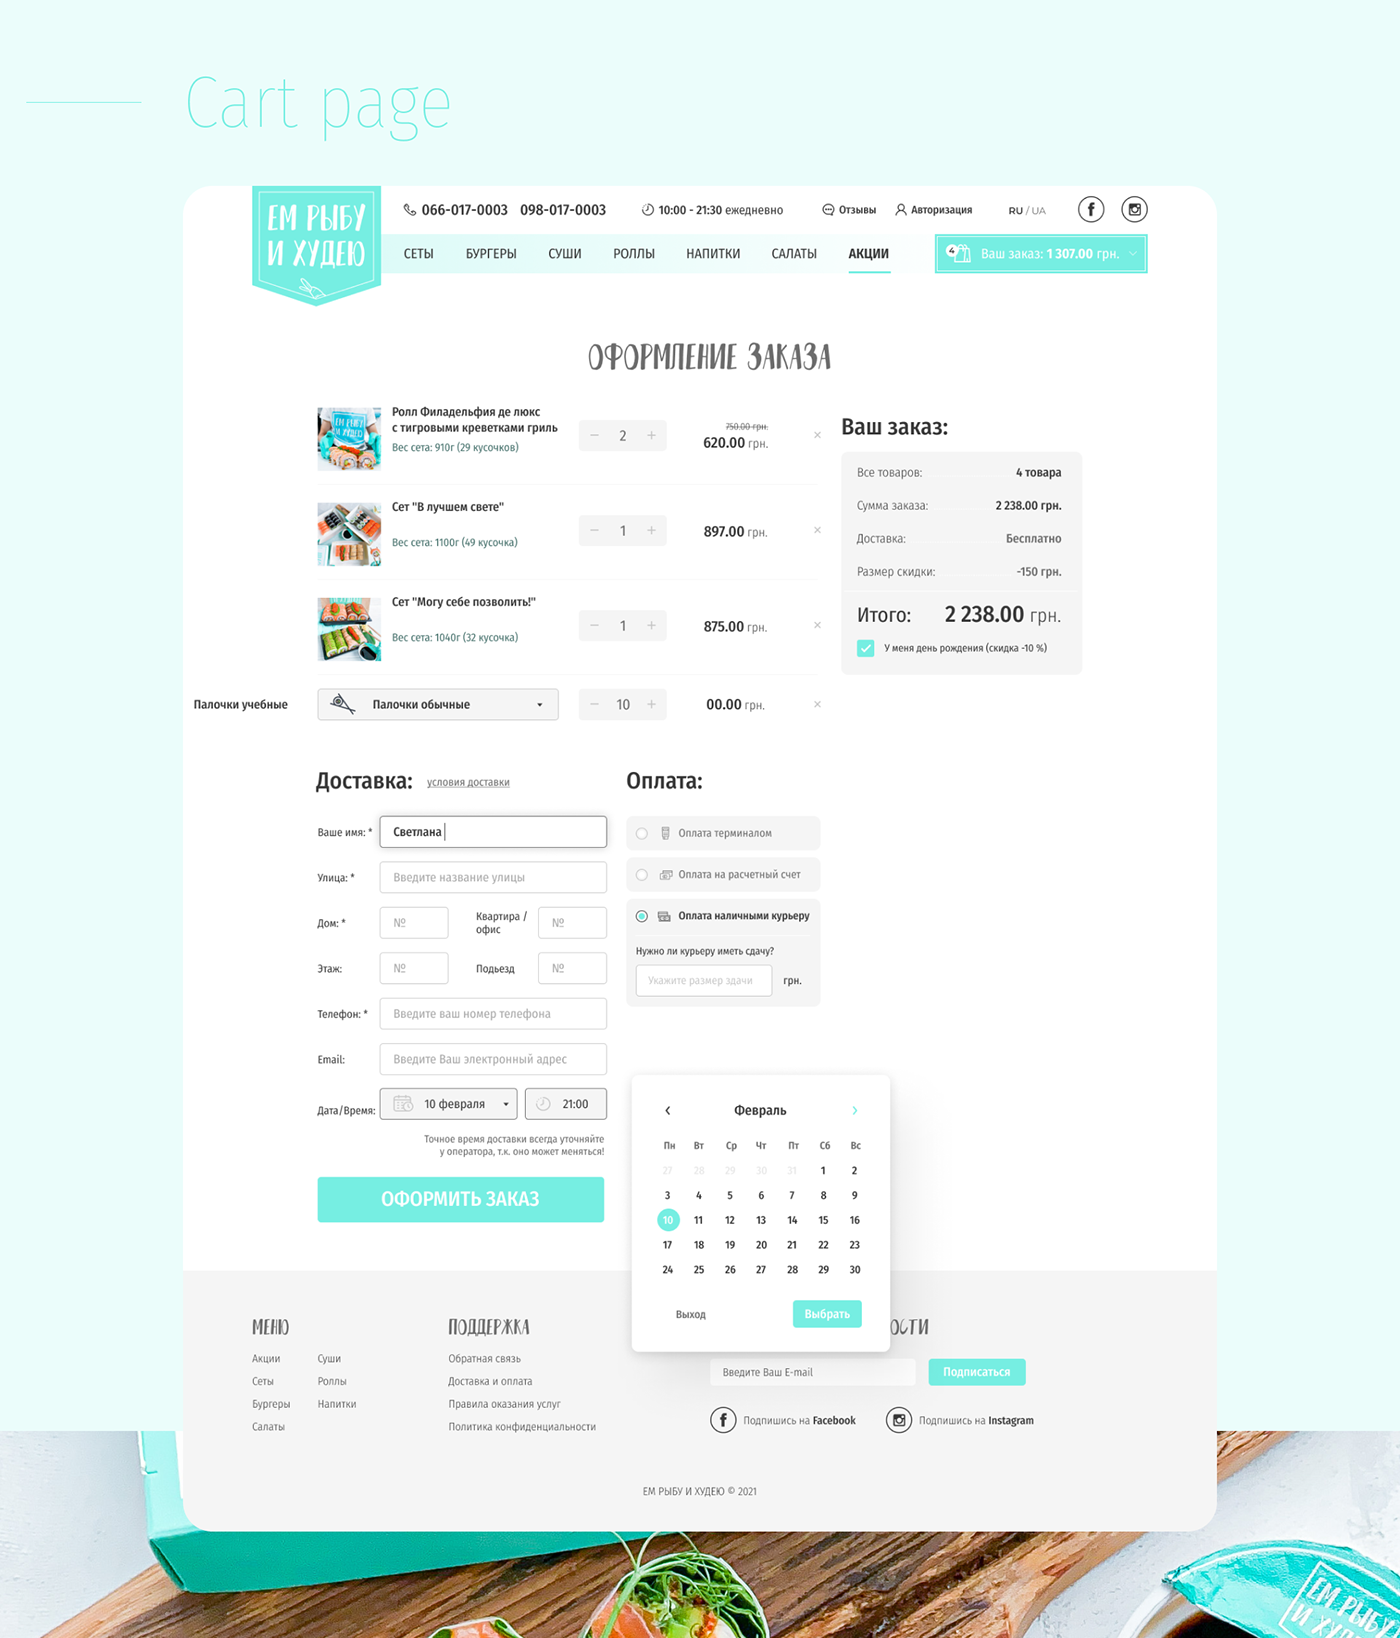 Ecommerce fish mint online store Sushi интернет магазин онлайн